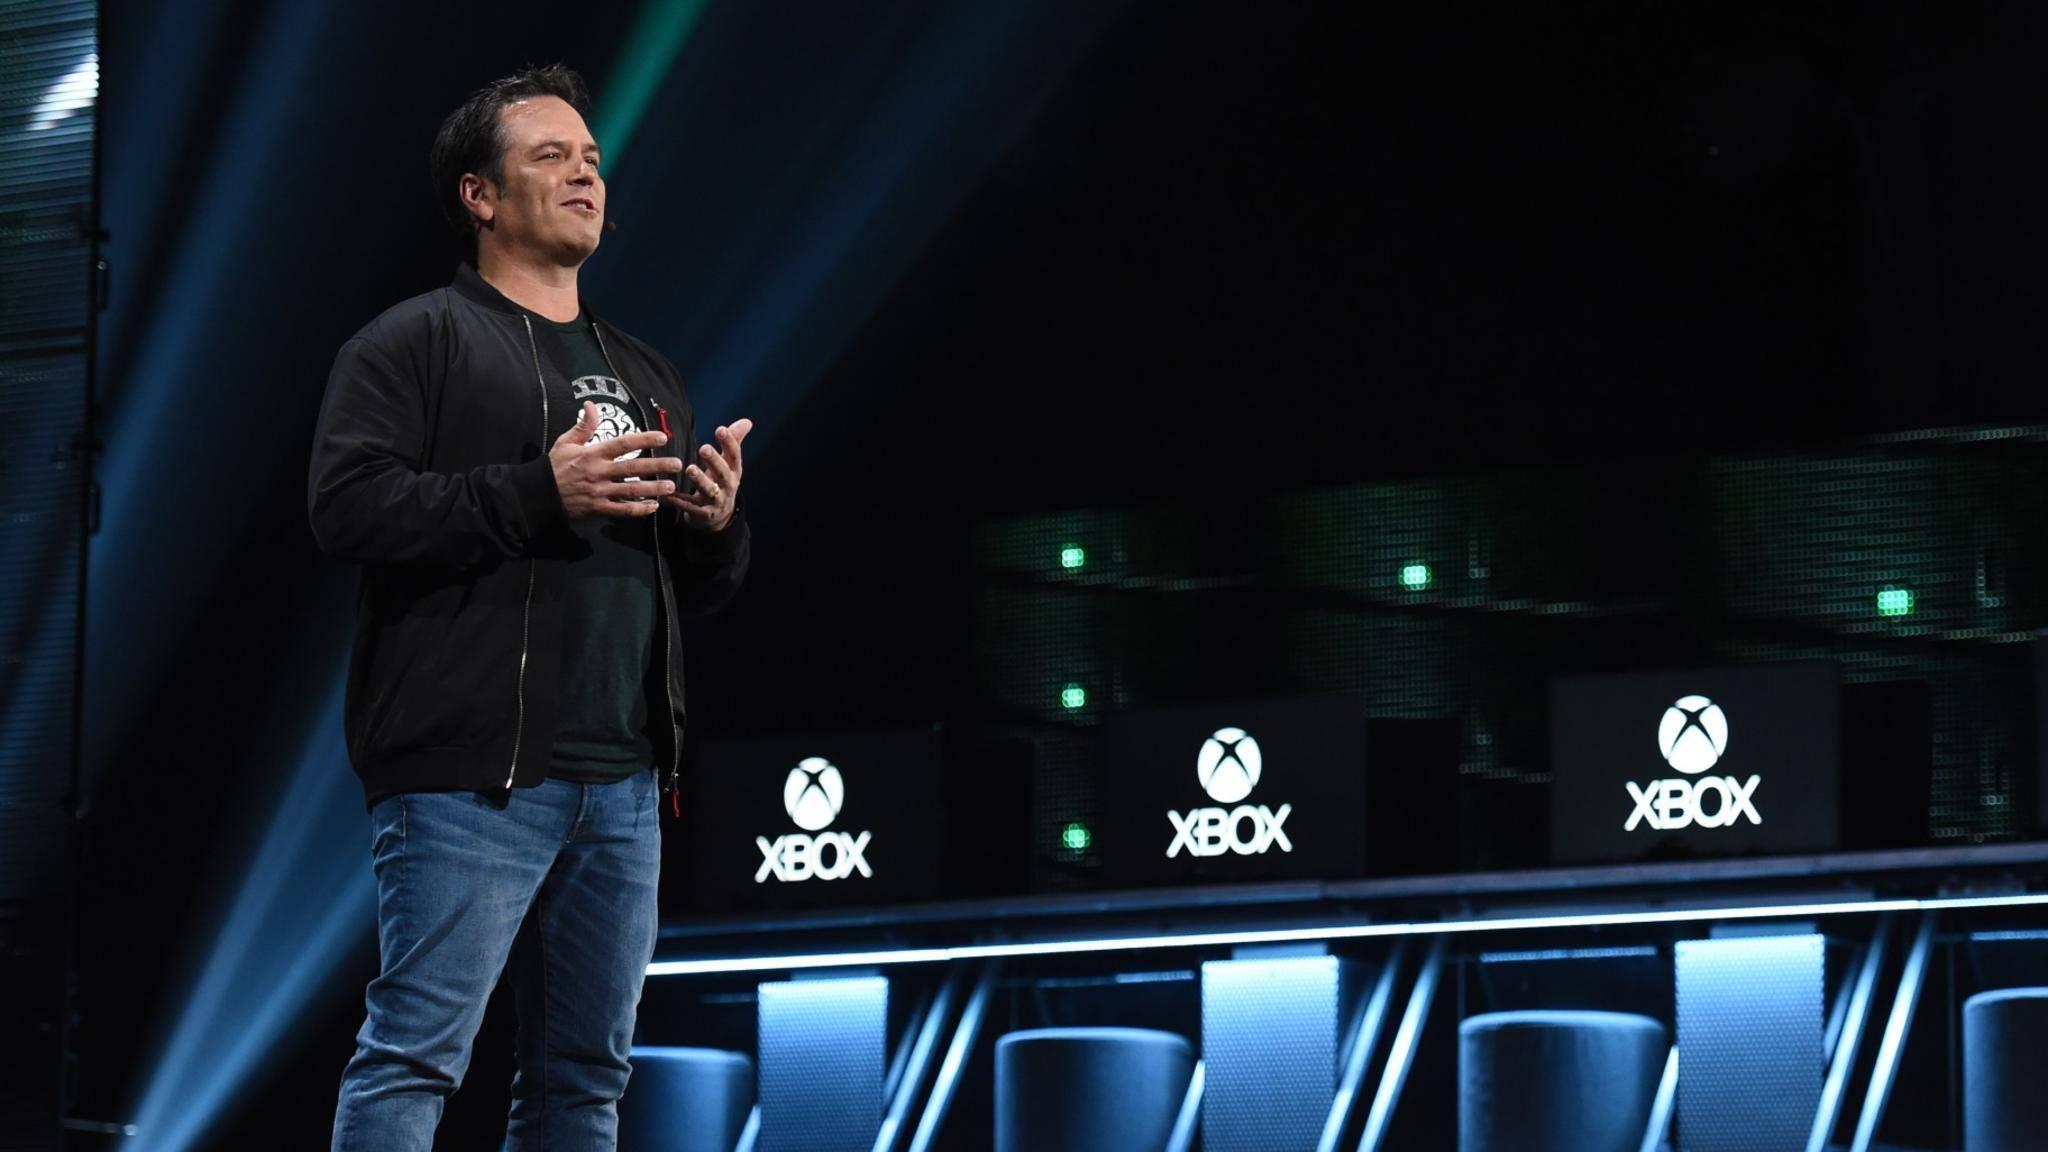 Will nicht respektlos erscheinen: Xbox-Chef Phil Spencer.